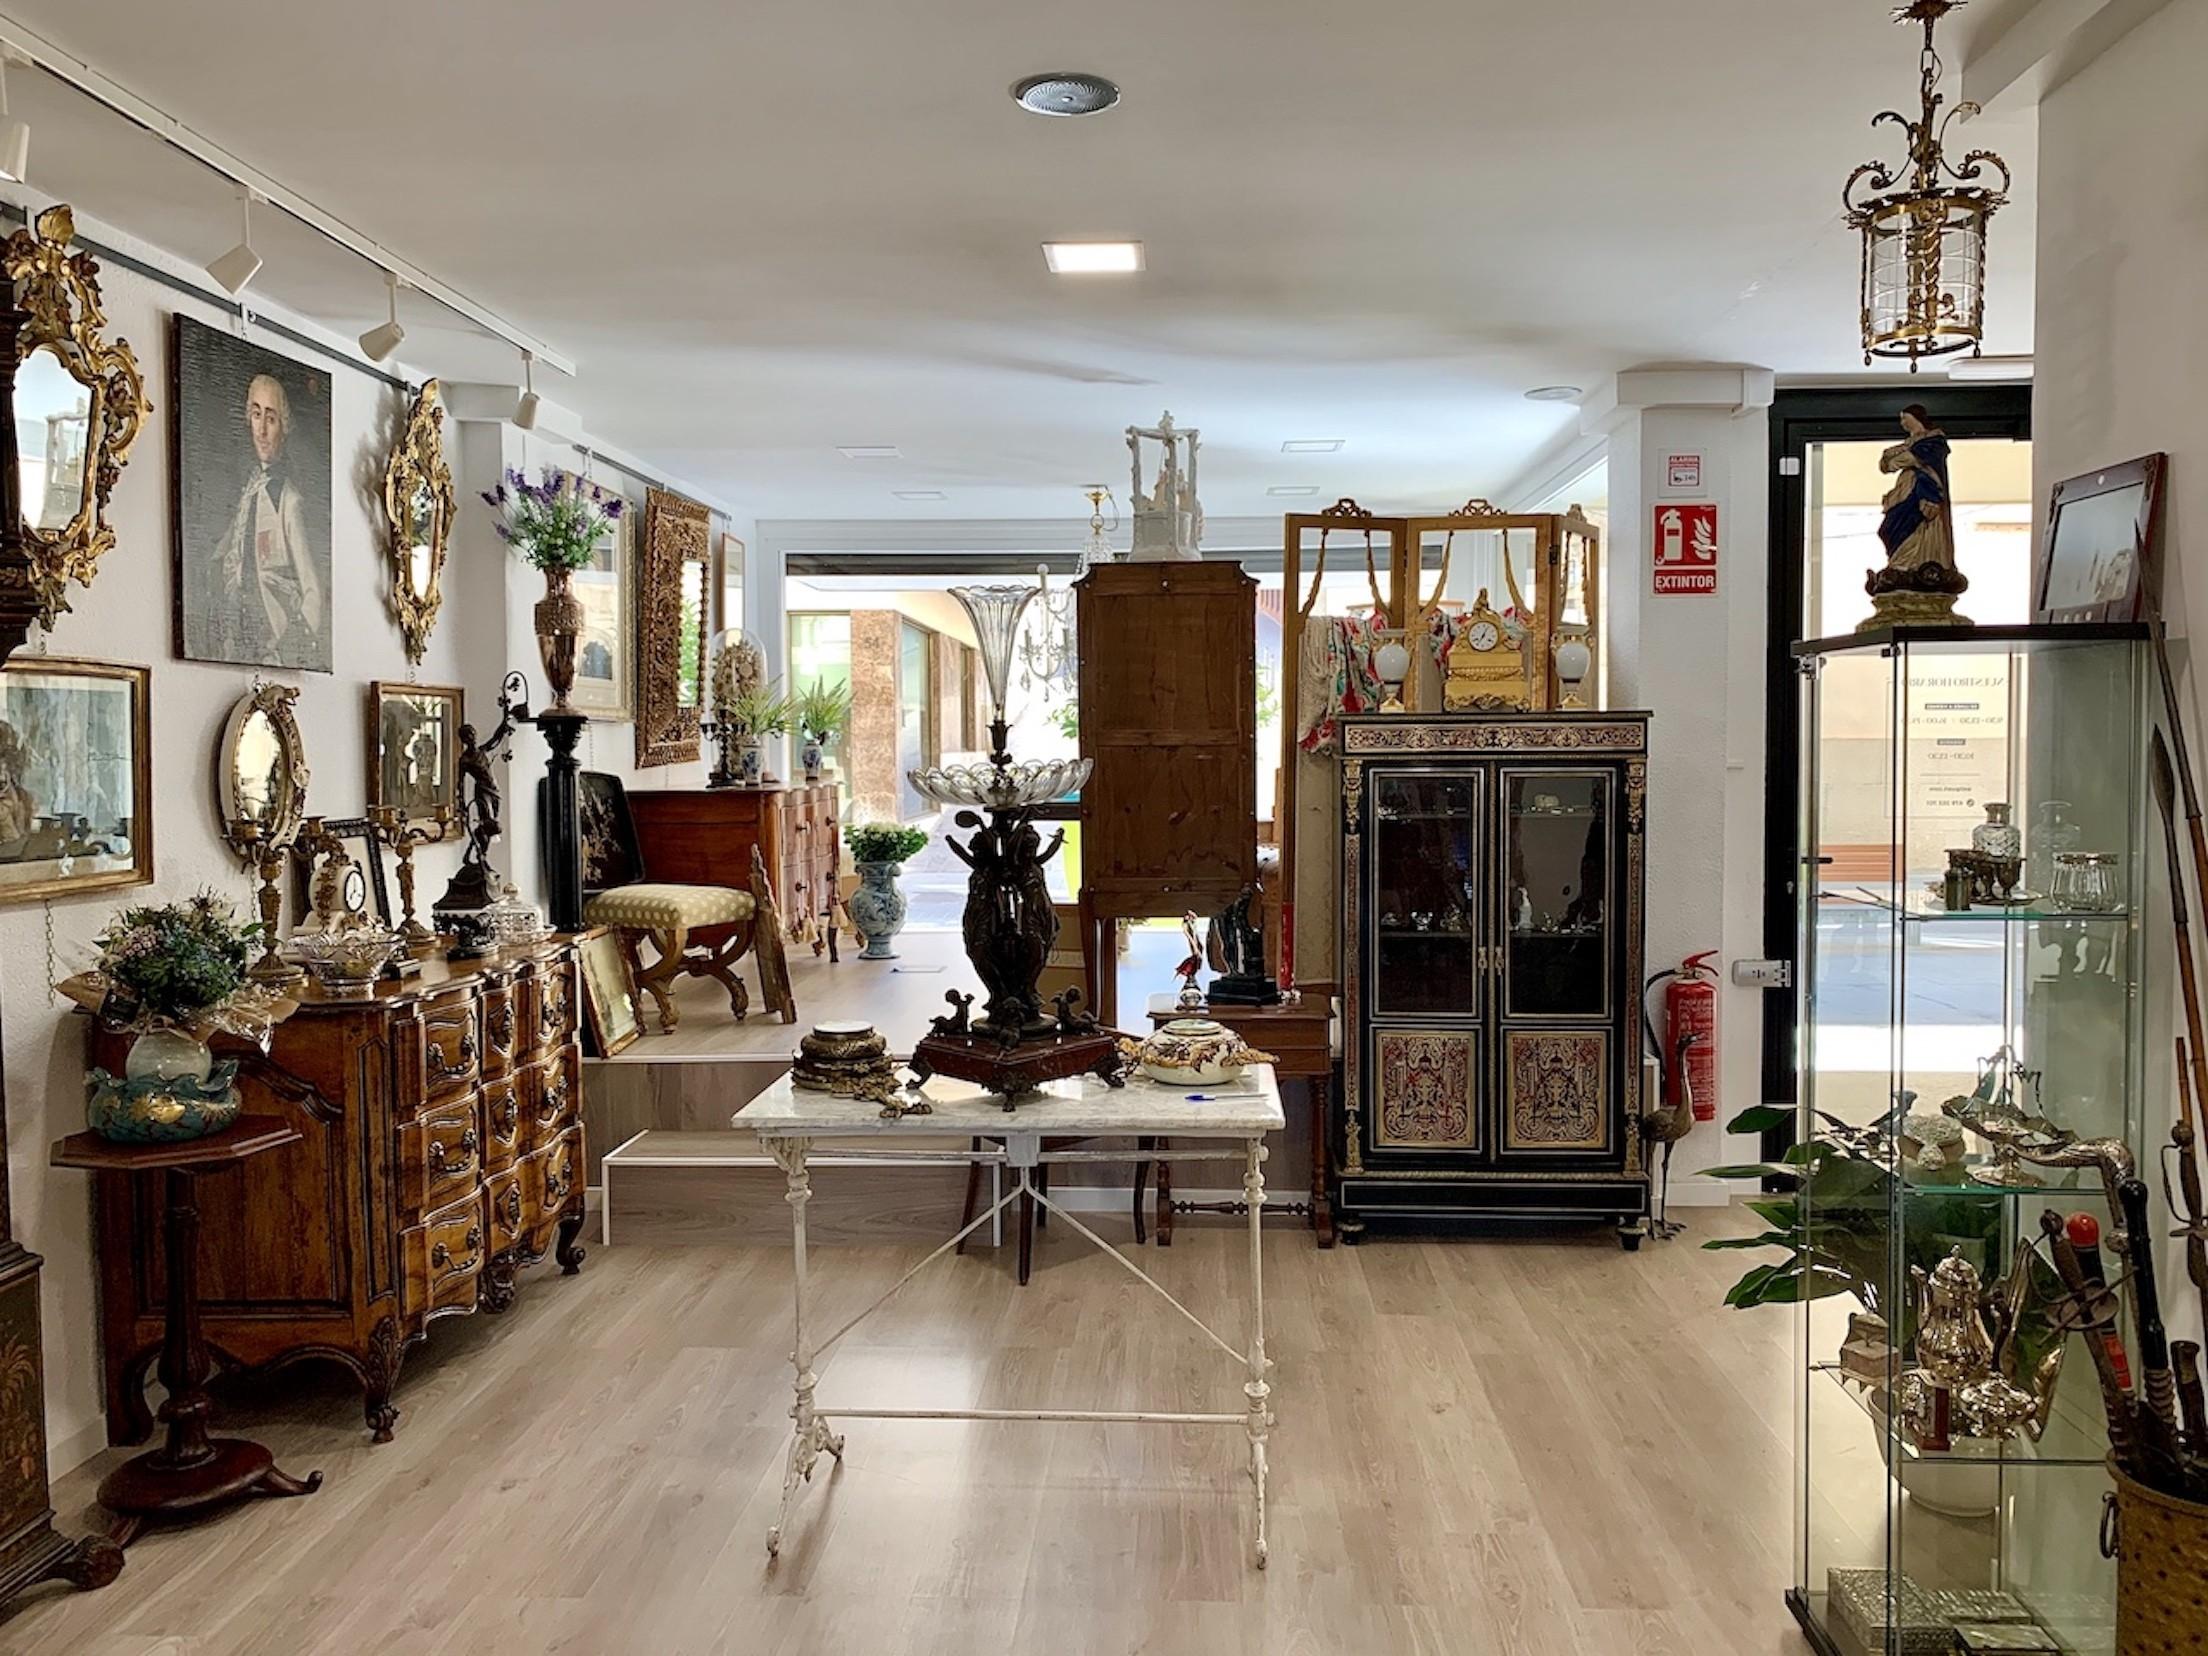 ANTIGUART decoration and antique